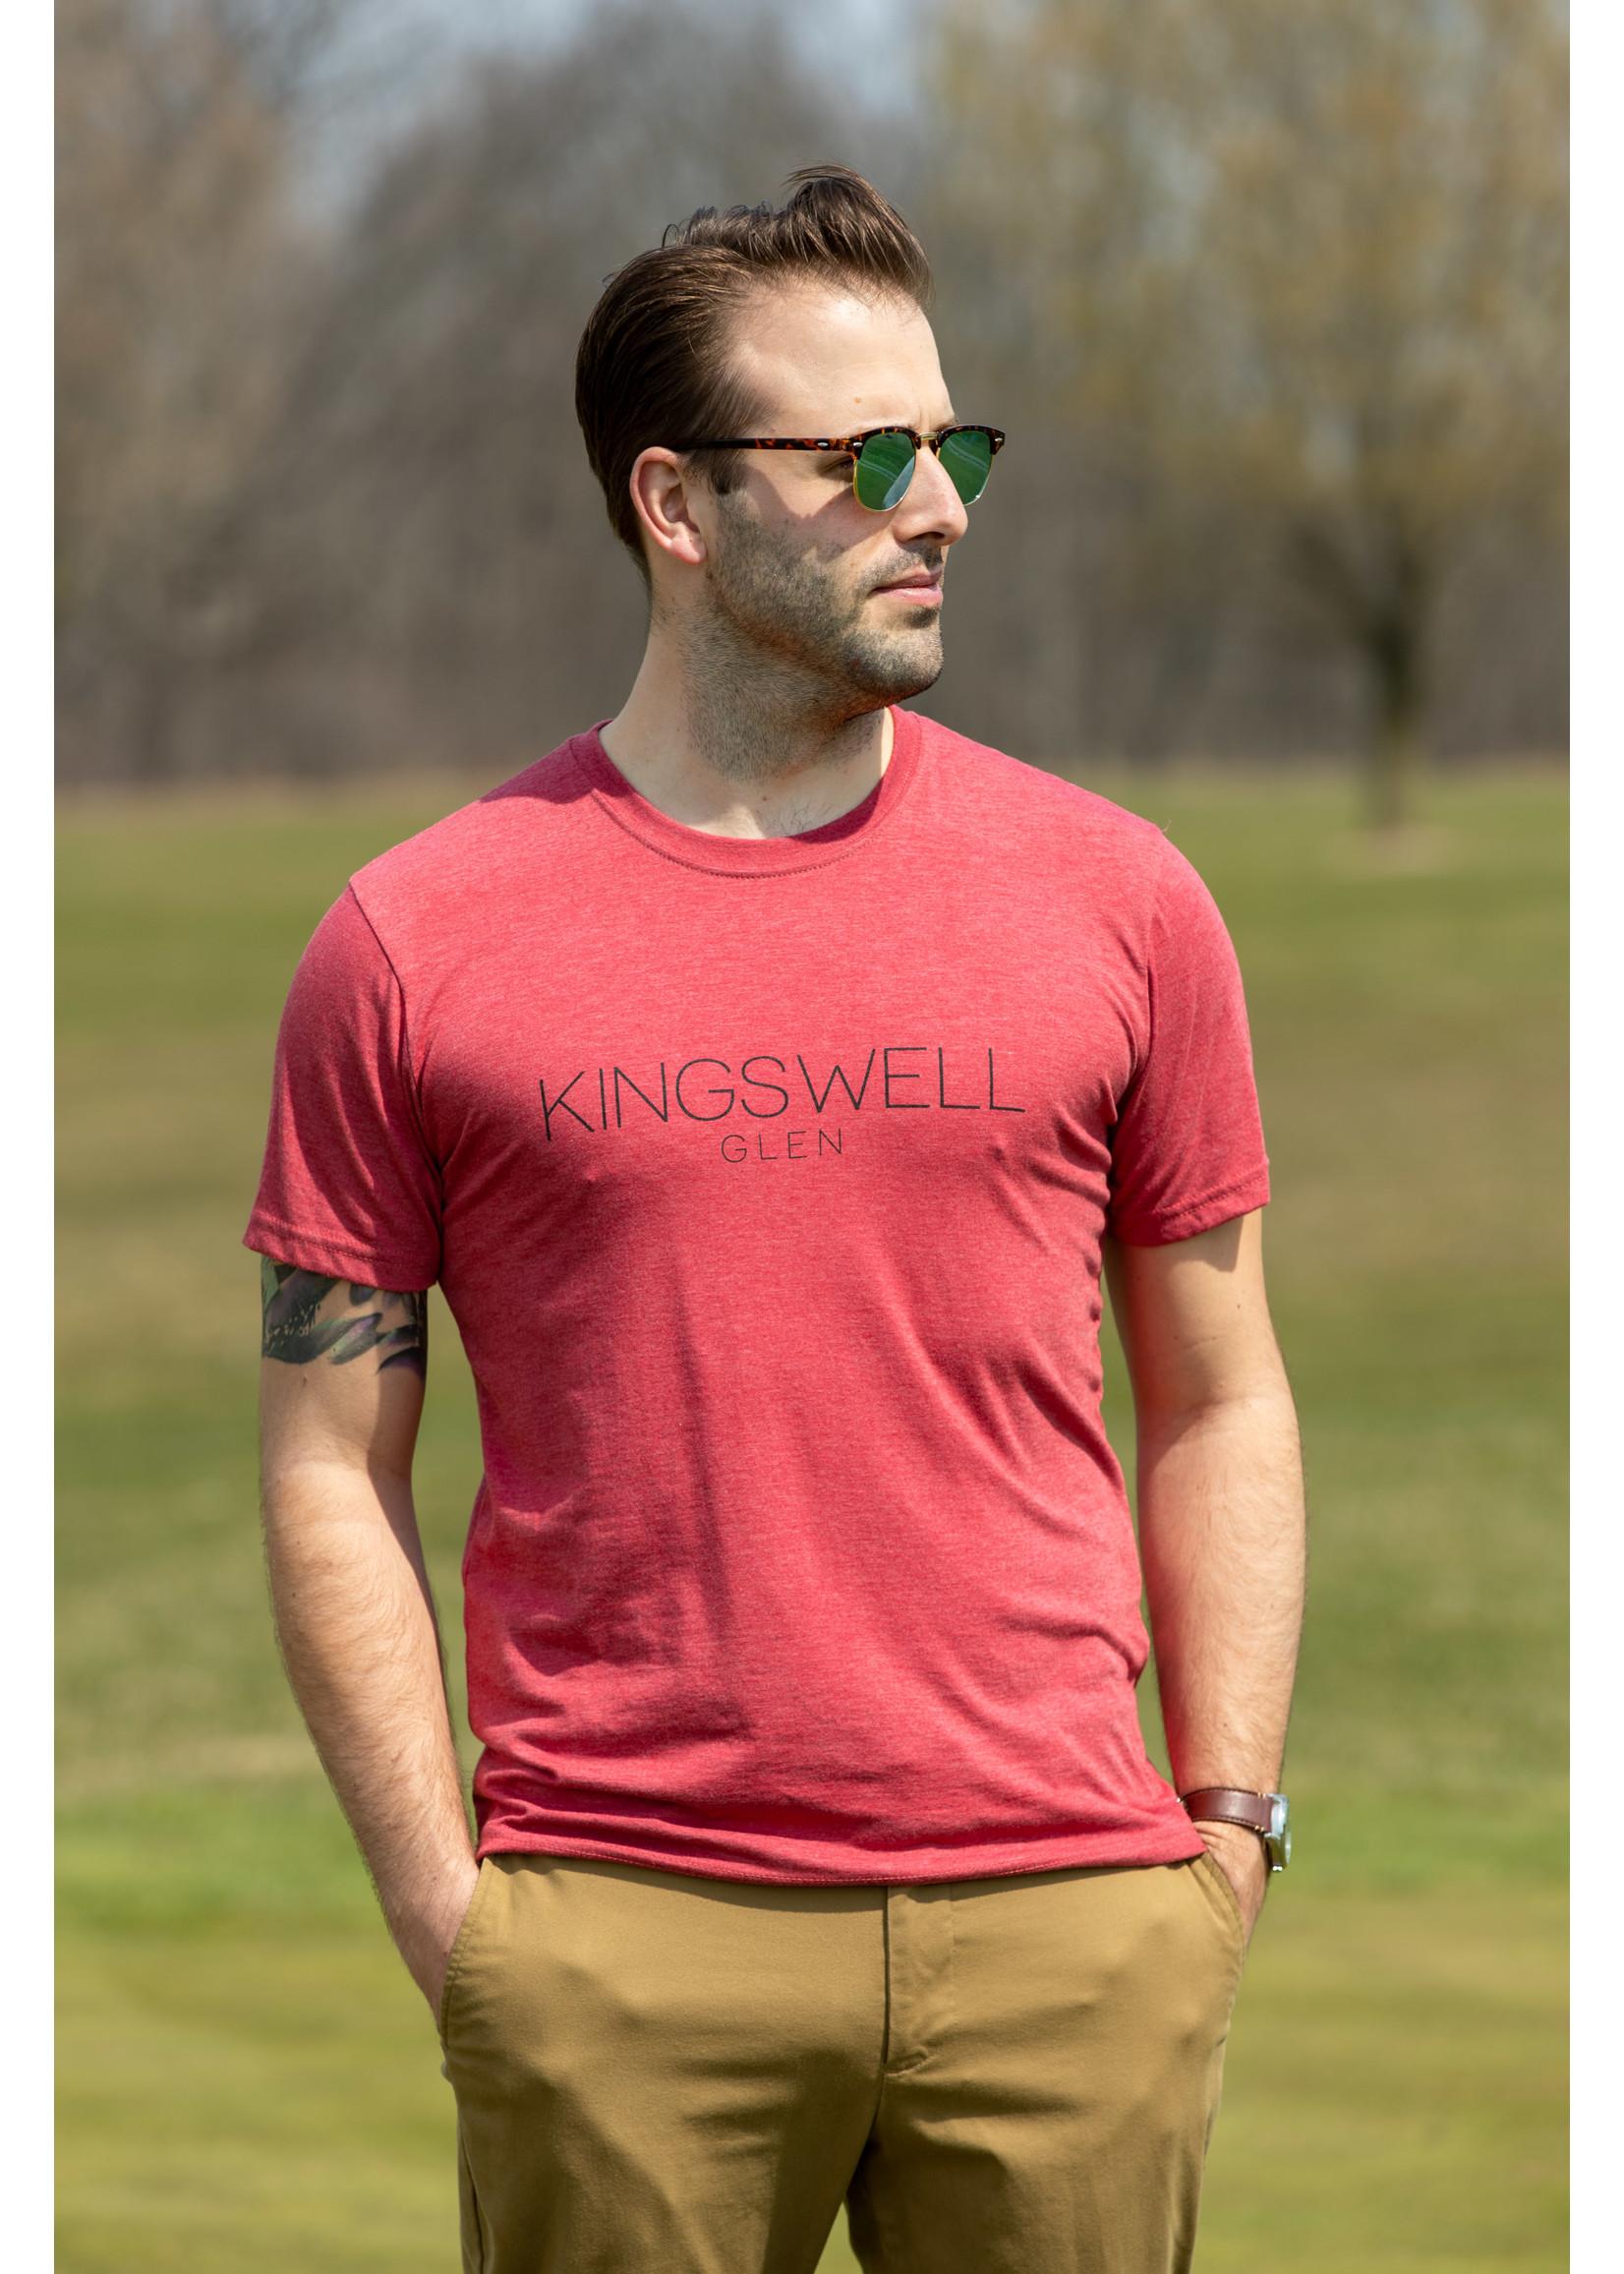 KINGSWELL GLEN T-Shirt (Large Logo)